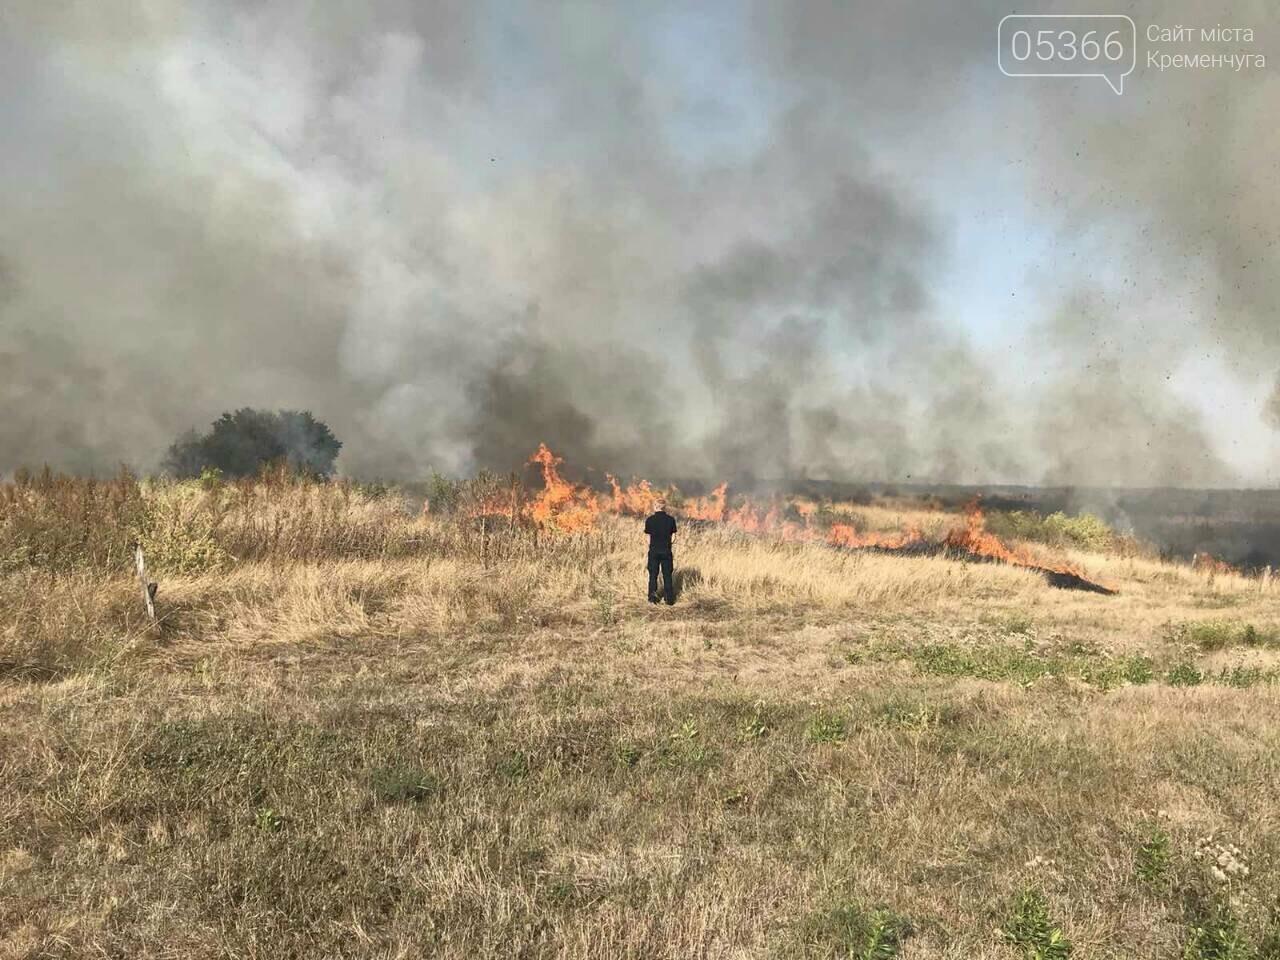 У Кременчуцькому районі горіло 43 гектари сухої рослинності: рятувальники виявили труп, фото-6